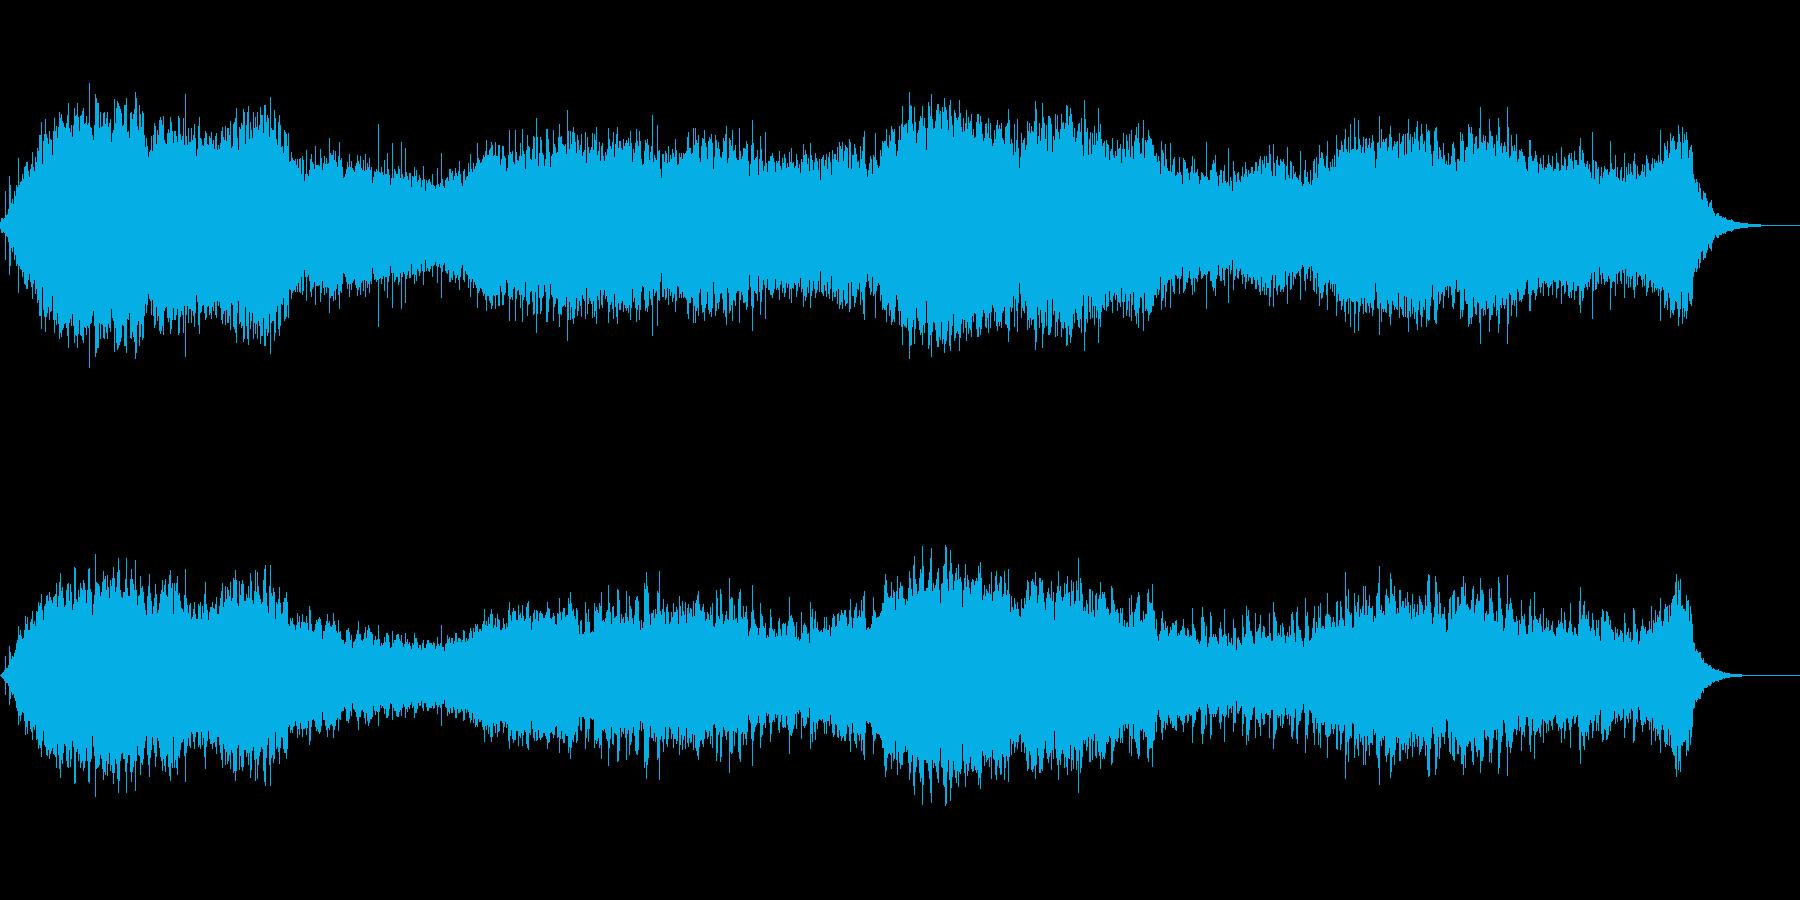 【60秒】ドキュメント風のアンビエントの再生済みの波形